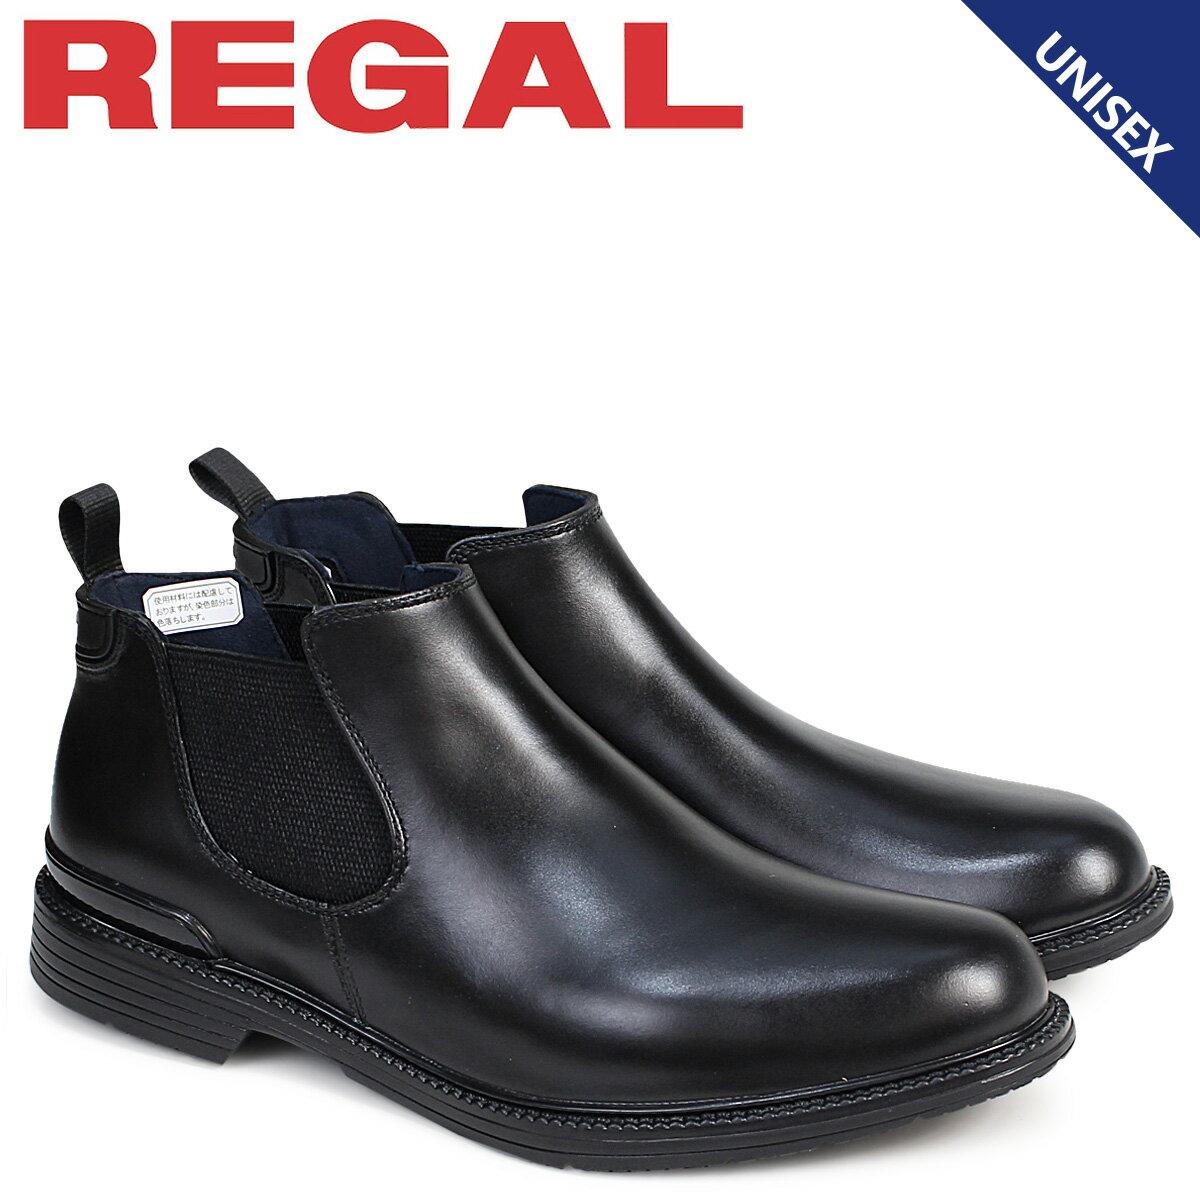 リーガル 靴 メンズ レディース REGAL レインブーツ 57GR ビジネスシューズ サイドゴア ブラック 防水 [2/26 追加入荷]